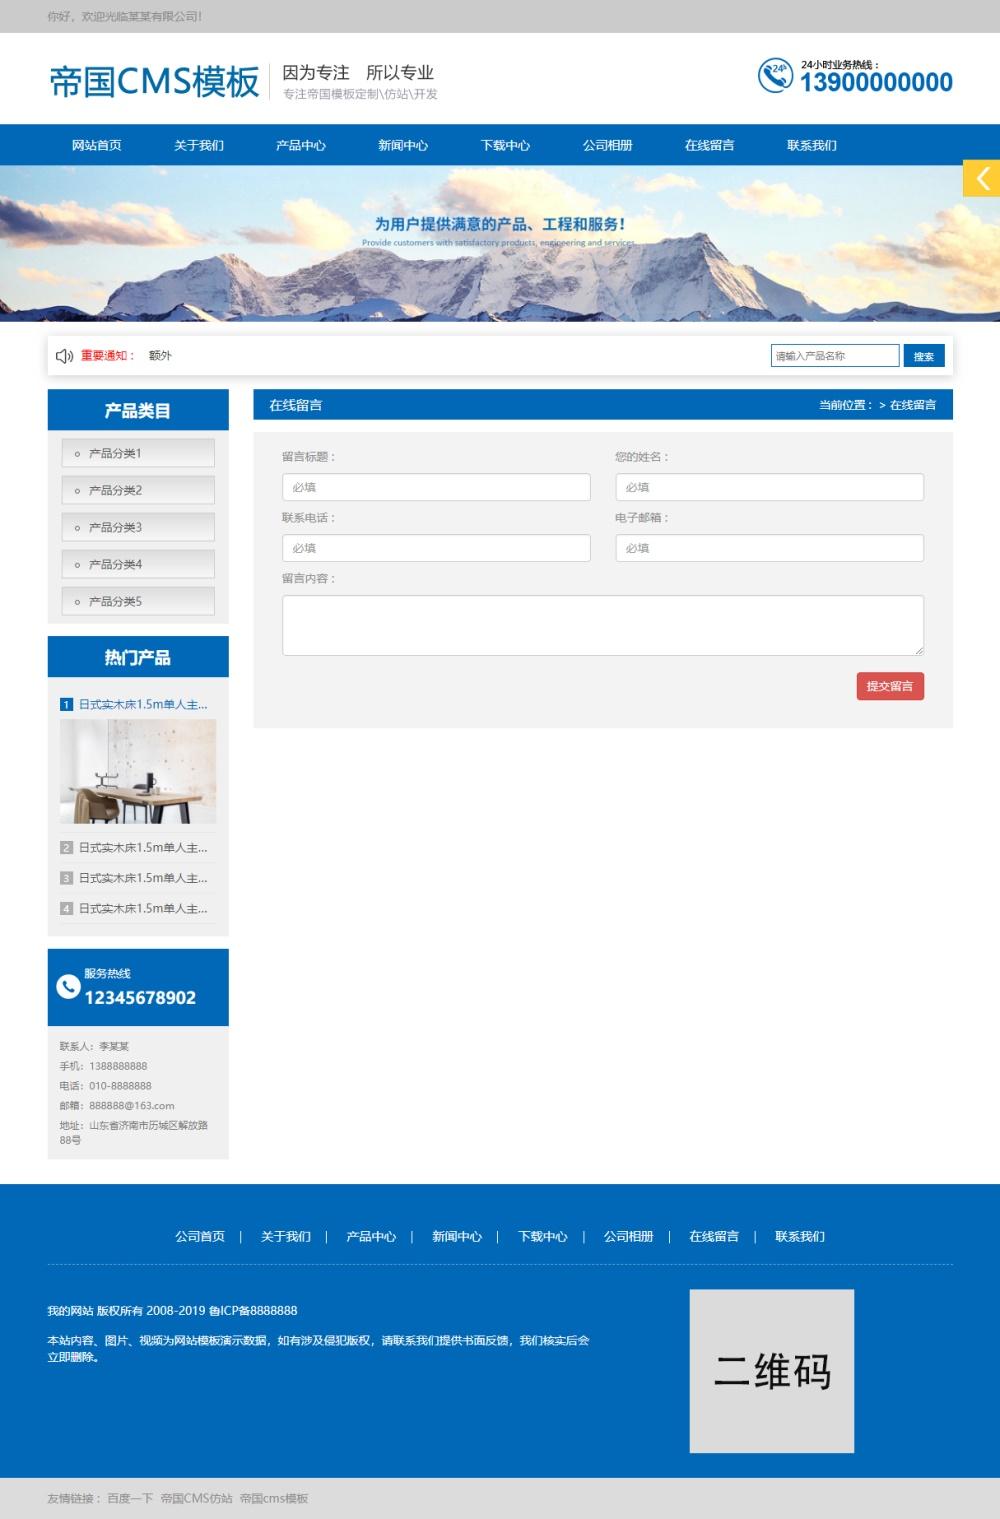 帝国cms蓝色响应式自适应手机版通用企业公司网站模板_在线留言